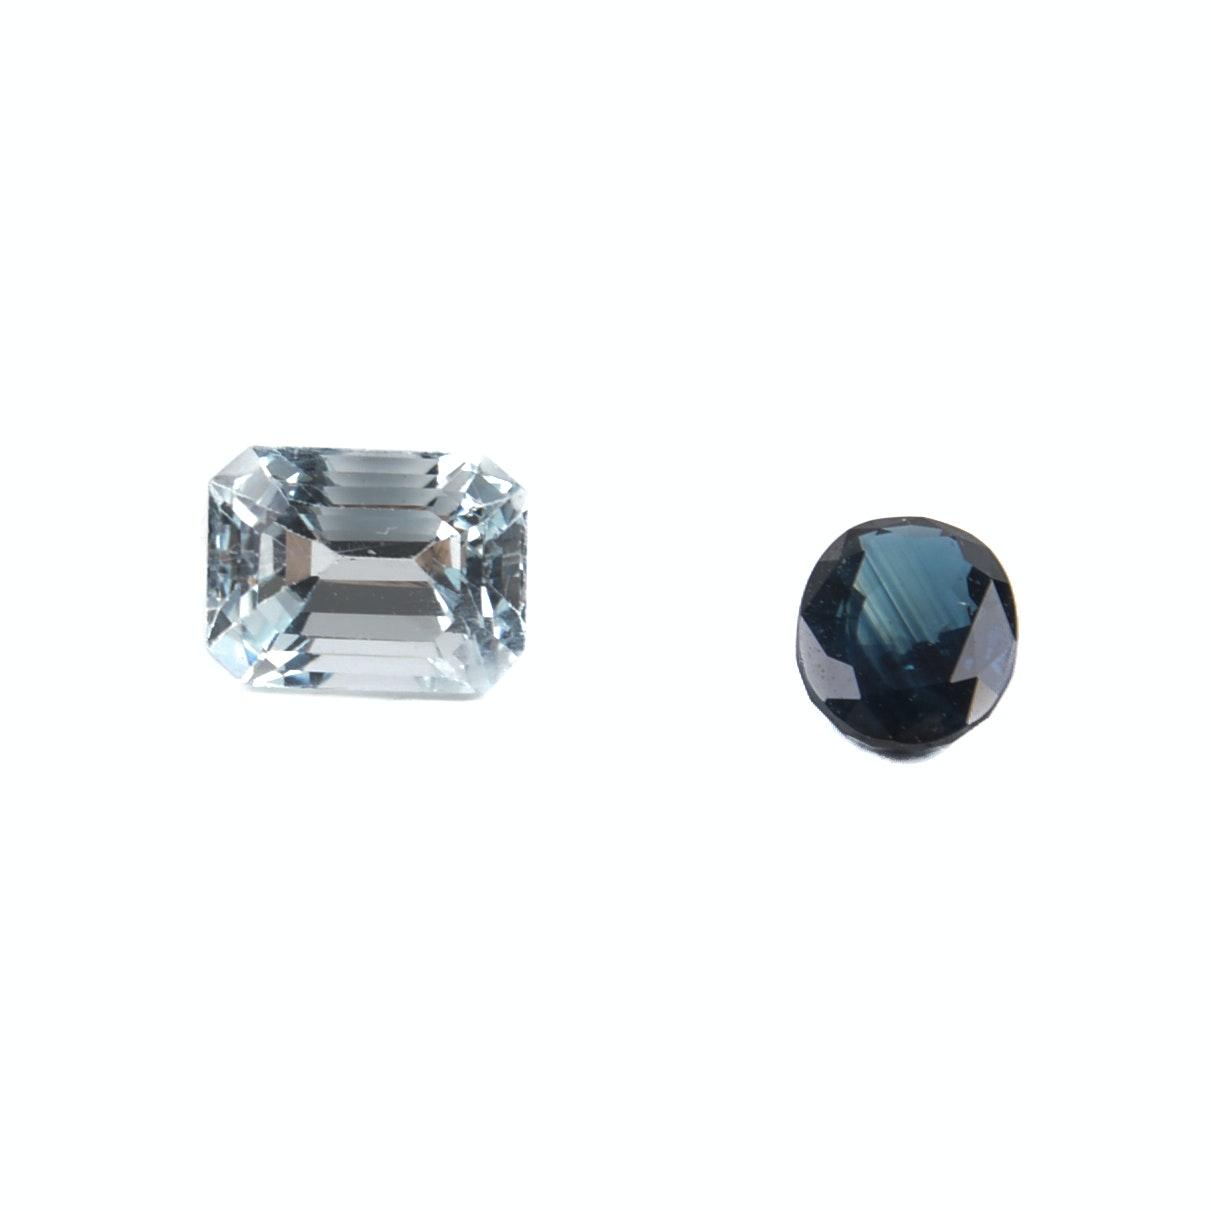 Loose 2.08 Carat Aquamarine and 1.11 Carat Sapphire Gemstones